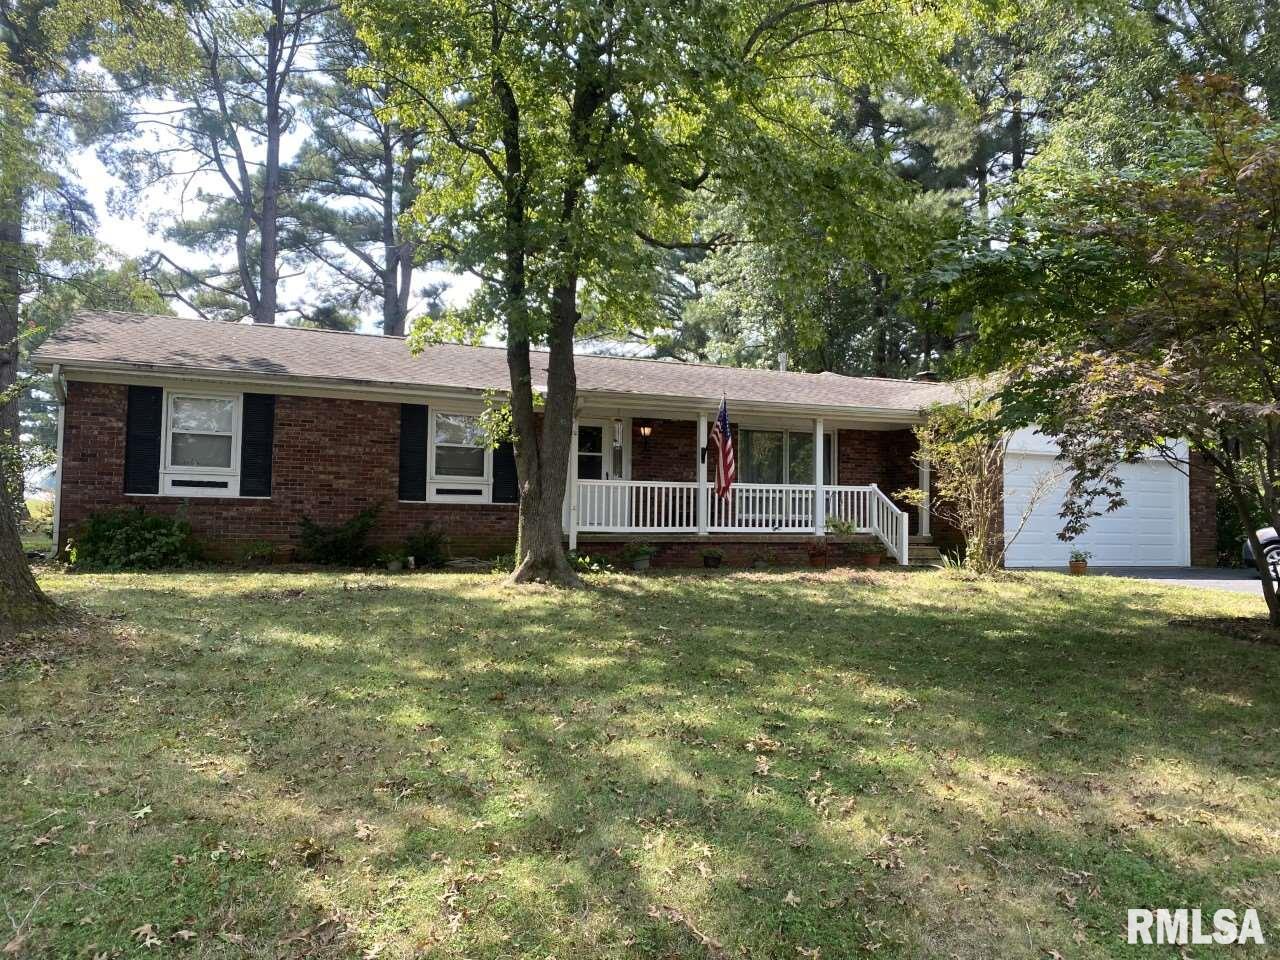 69 Fairway Vista Road, Murphysboro, Illinois 62966, 3 Bedrooms Bedrooms, ,2 BathroomsBathrooms,Single Family,For Sale,69 Fairway Vista Road,EB436150